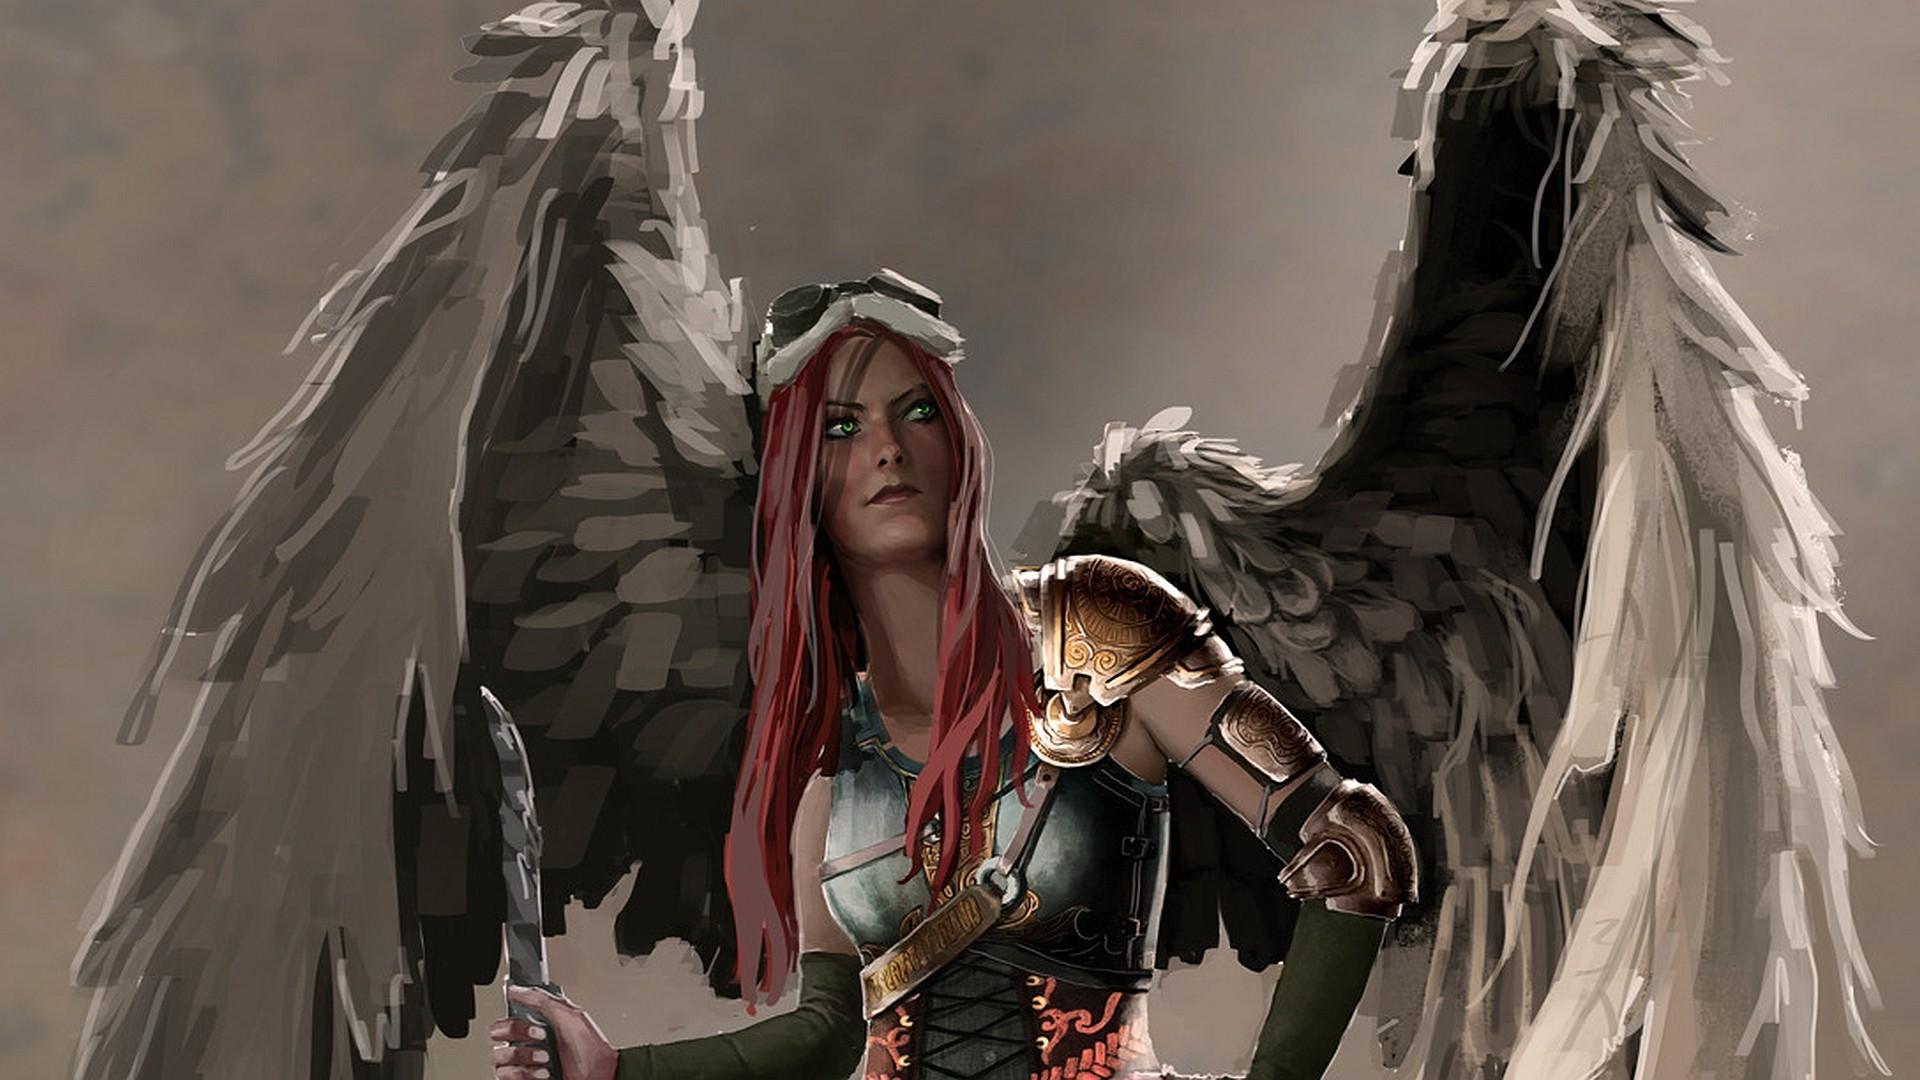 Anime Horse Angel Warrior God Mythology Screenshot 1920x1080 Px